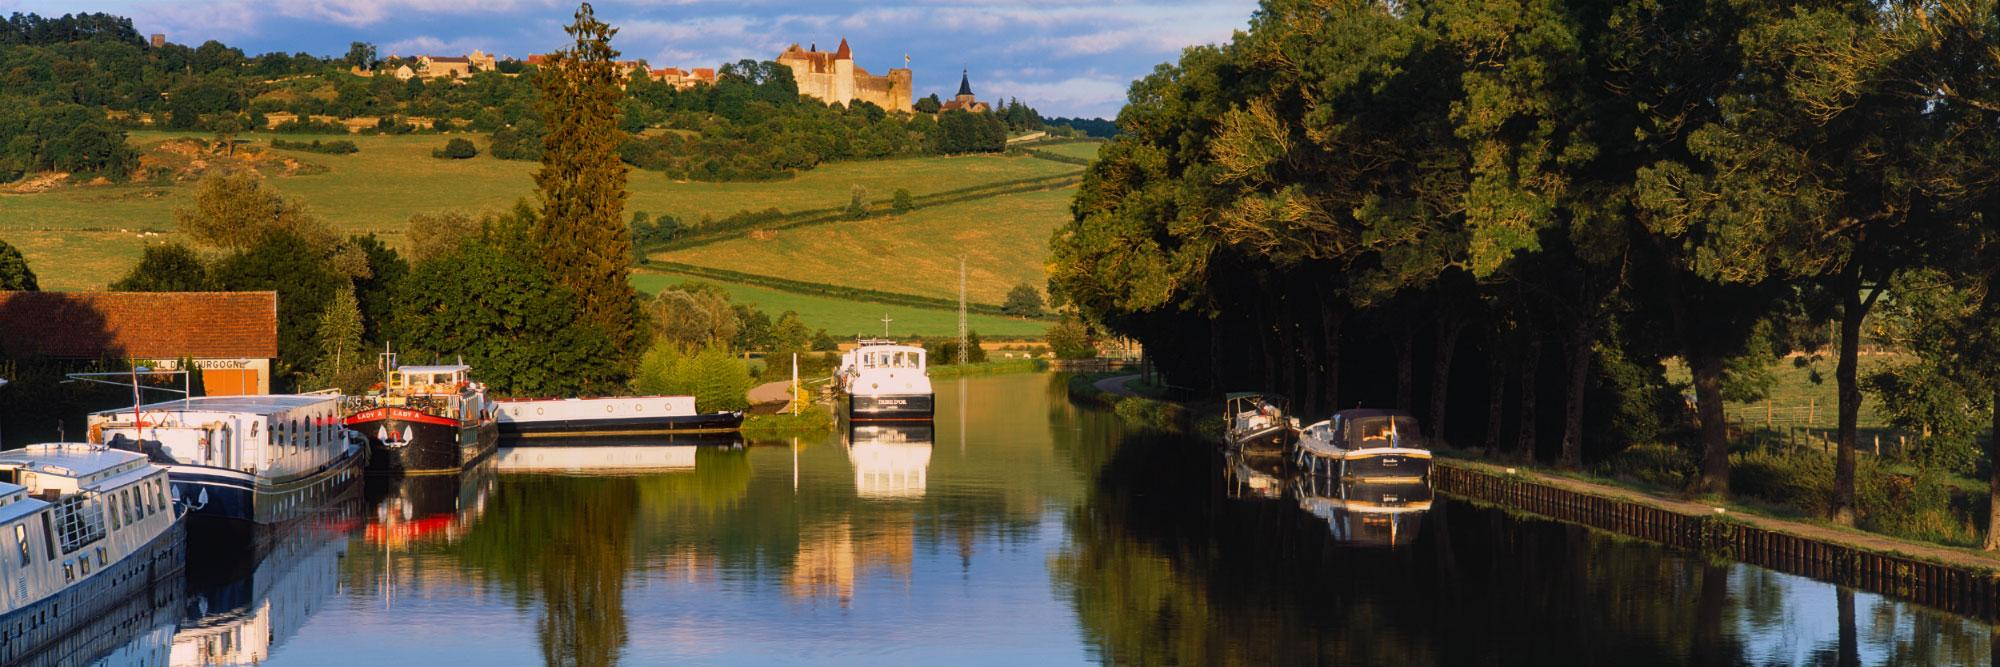 Canal de Bourgogne, près de Châteauneuf-en-Auxois